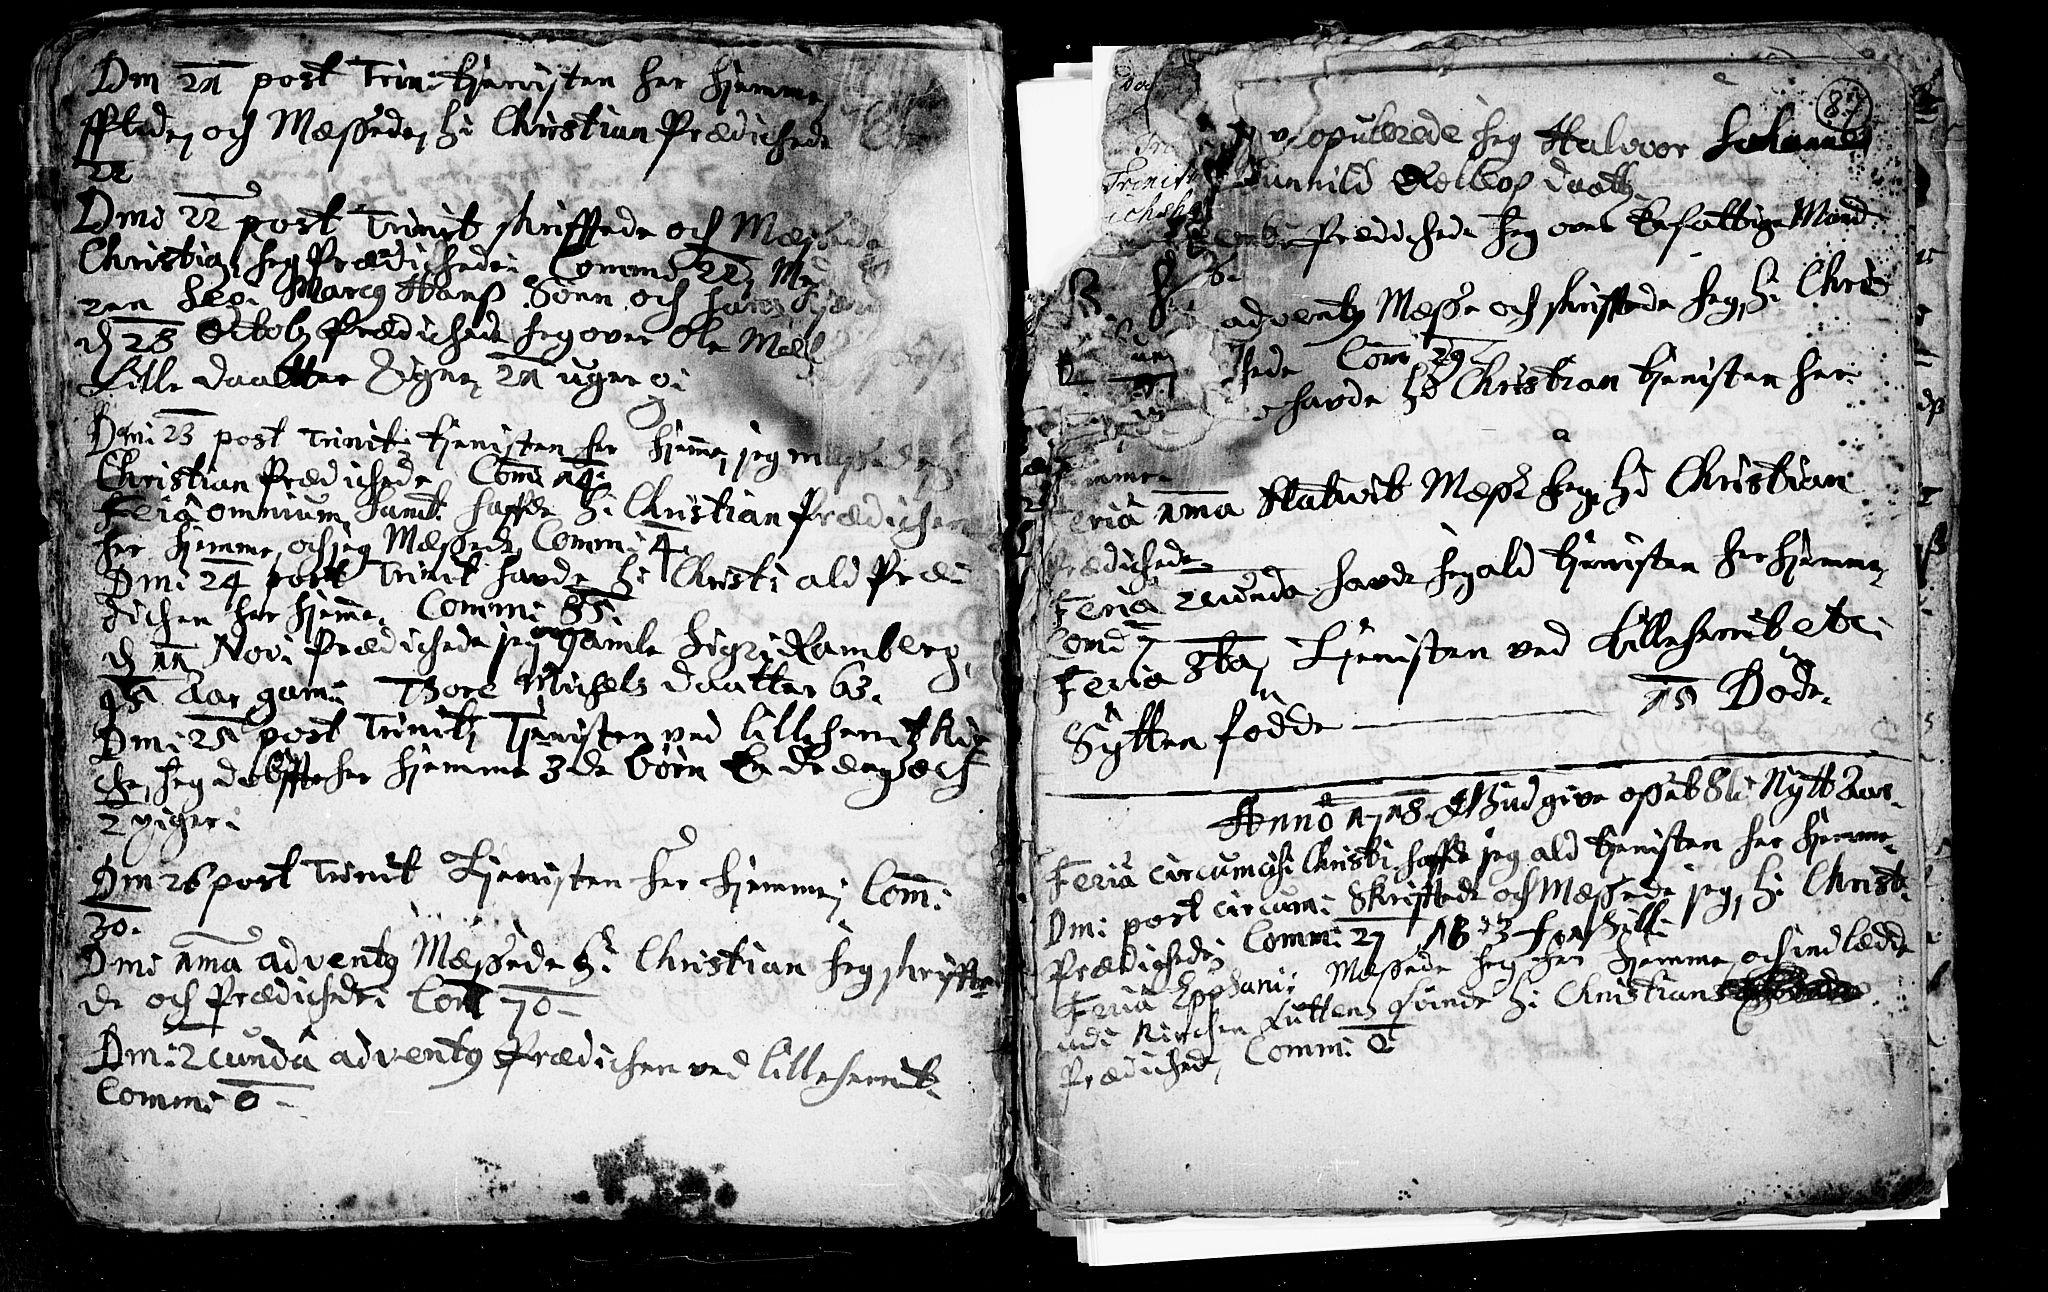 SAKO, Heddal kirkebøker, F/Fa/L0002: Ministerialbok nr. I 2, 1699-1722, s. 87